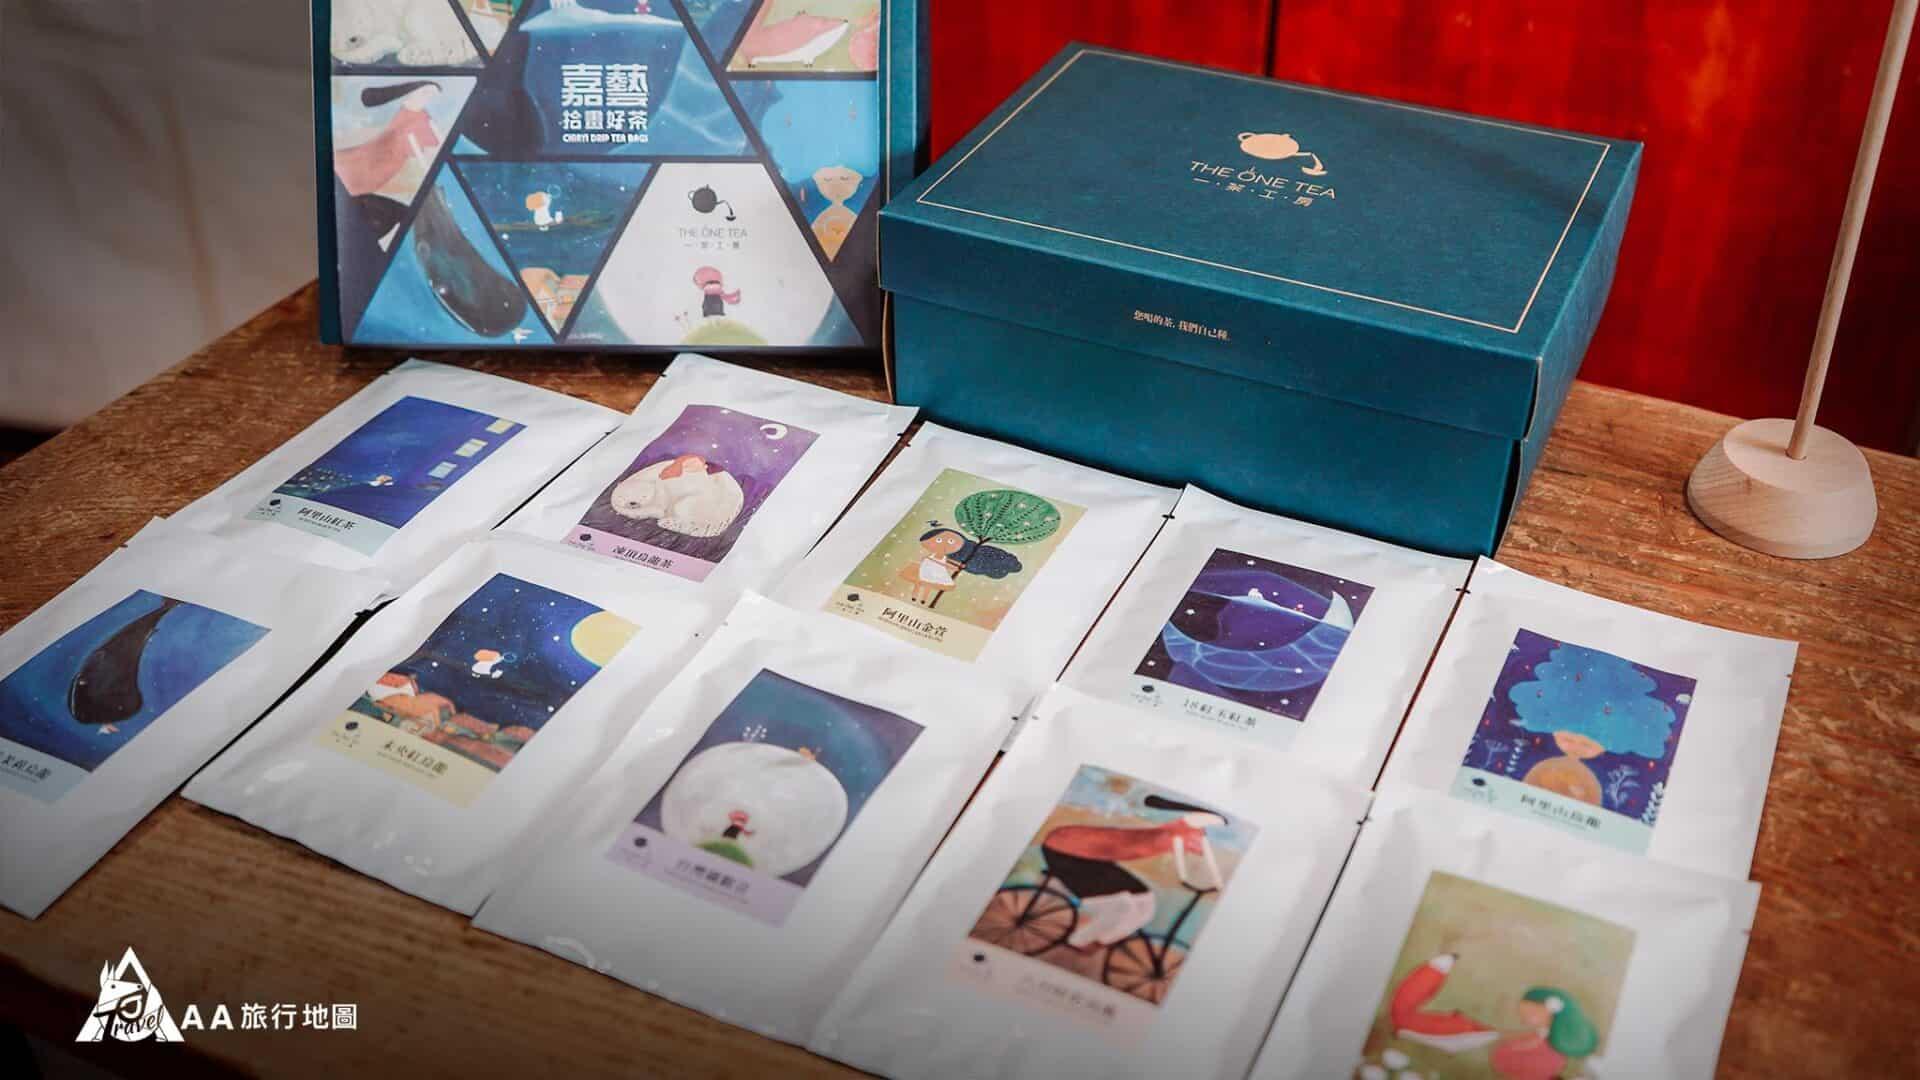 嘉藝拾畫好茶是蠻特別的一種包裝,裡面有十個小包,每個都有不同的圖案,喝茶都文青了起來~~